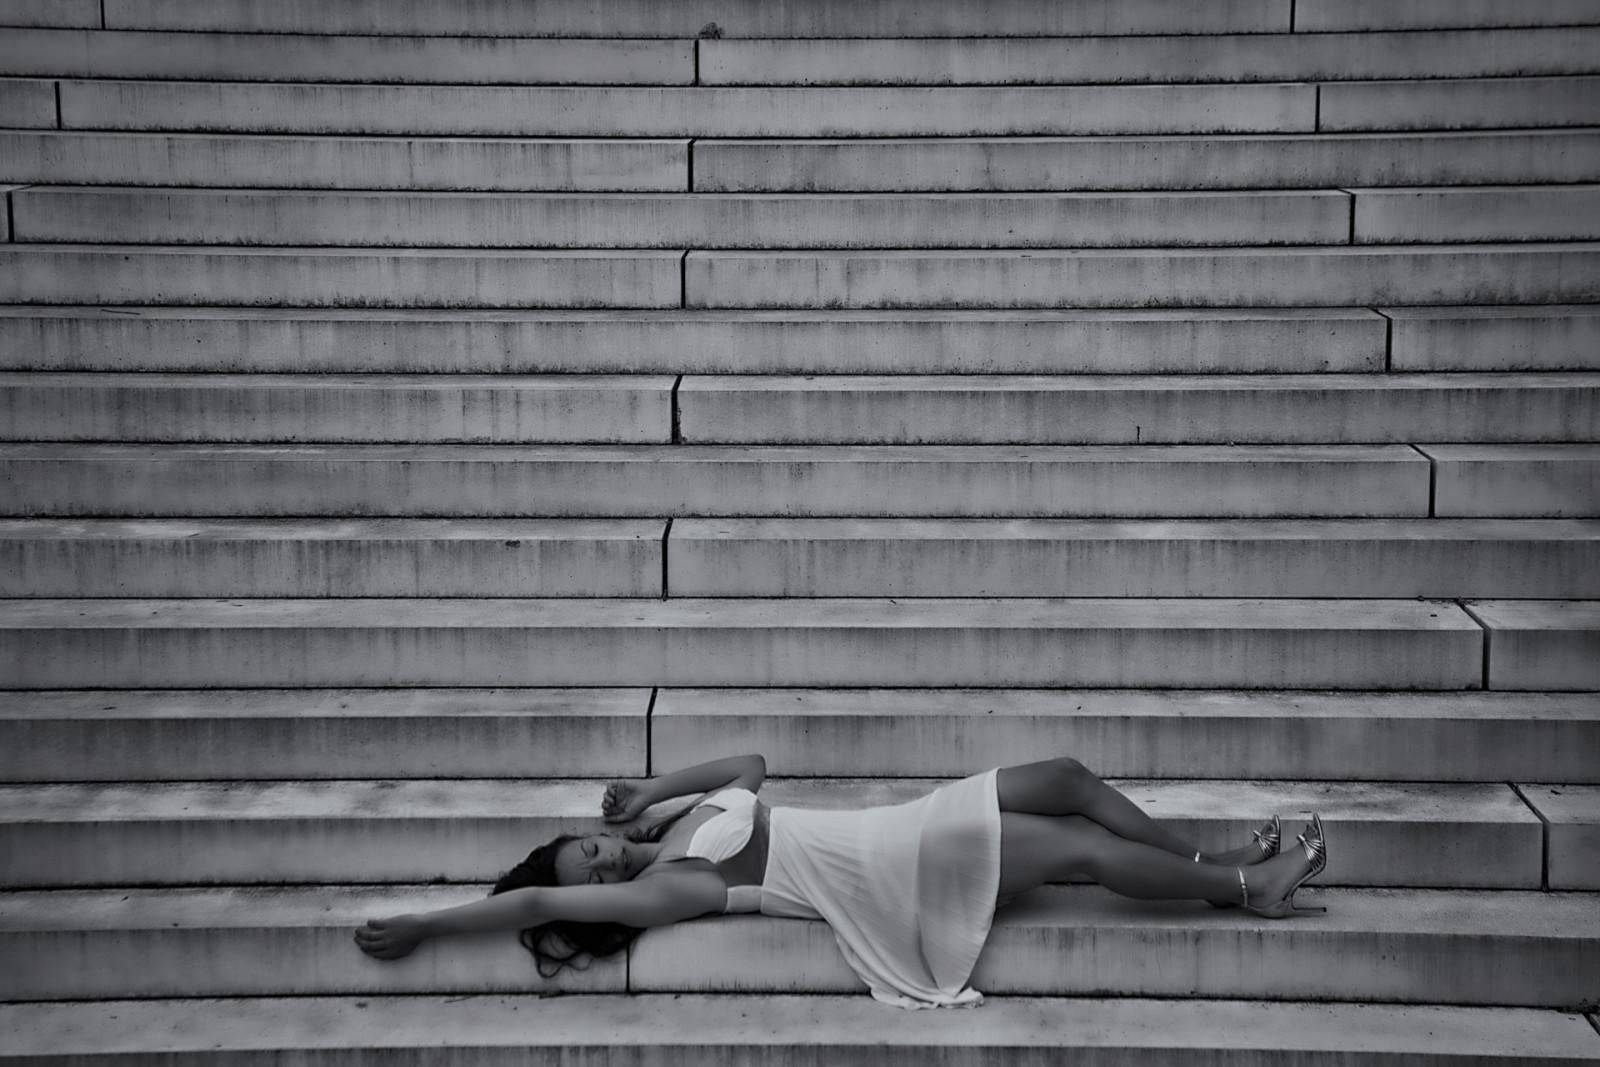 Lerne mehr über Kompositionen in der Fotografie Dame auf der Treppe von Jos Joosten